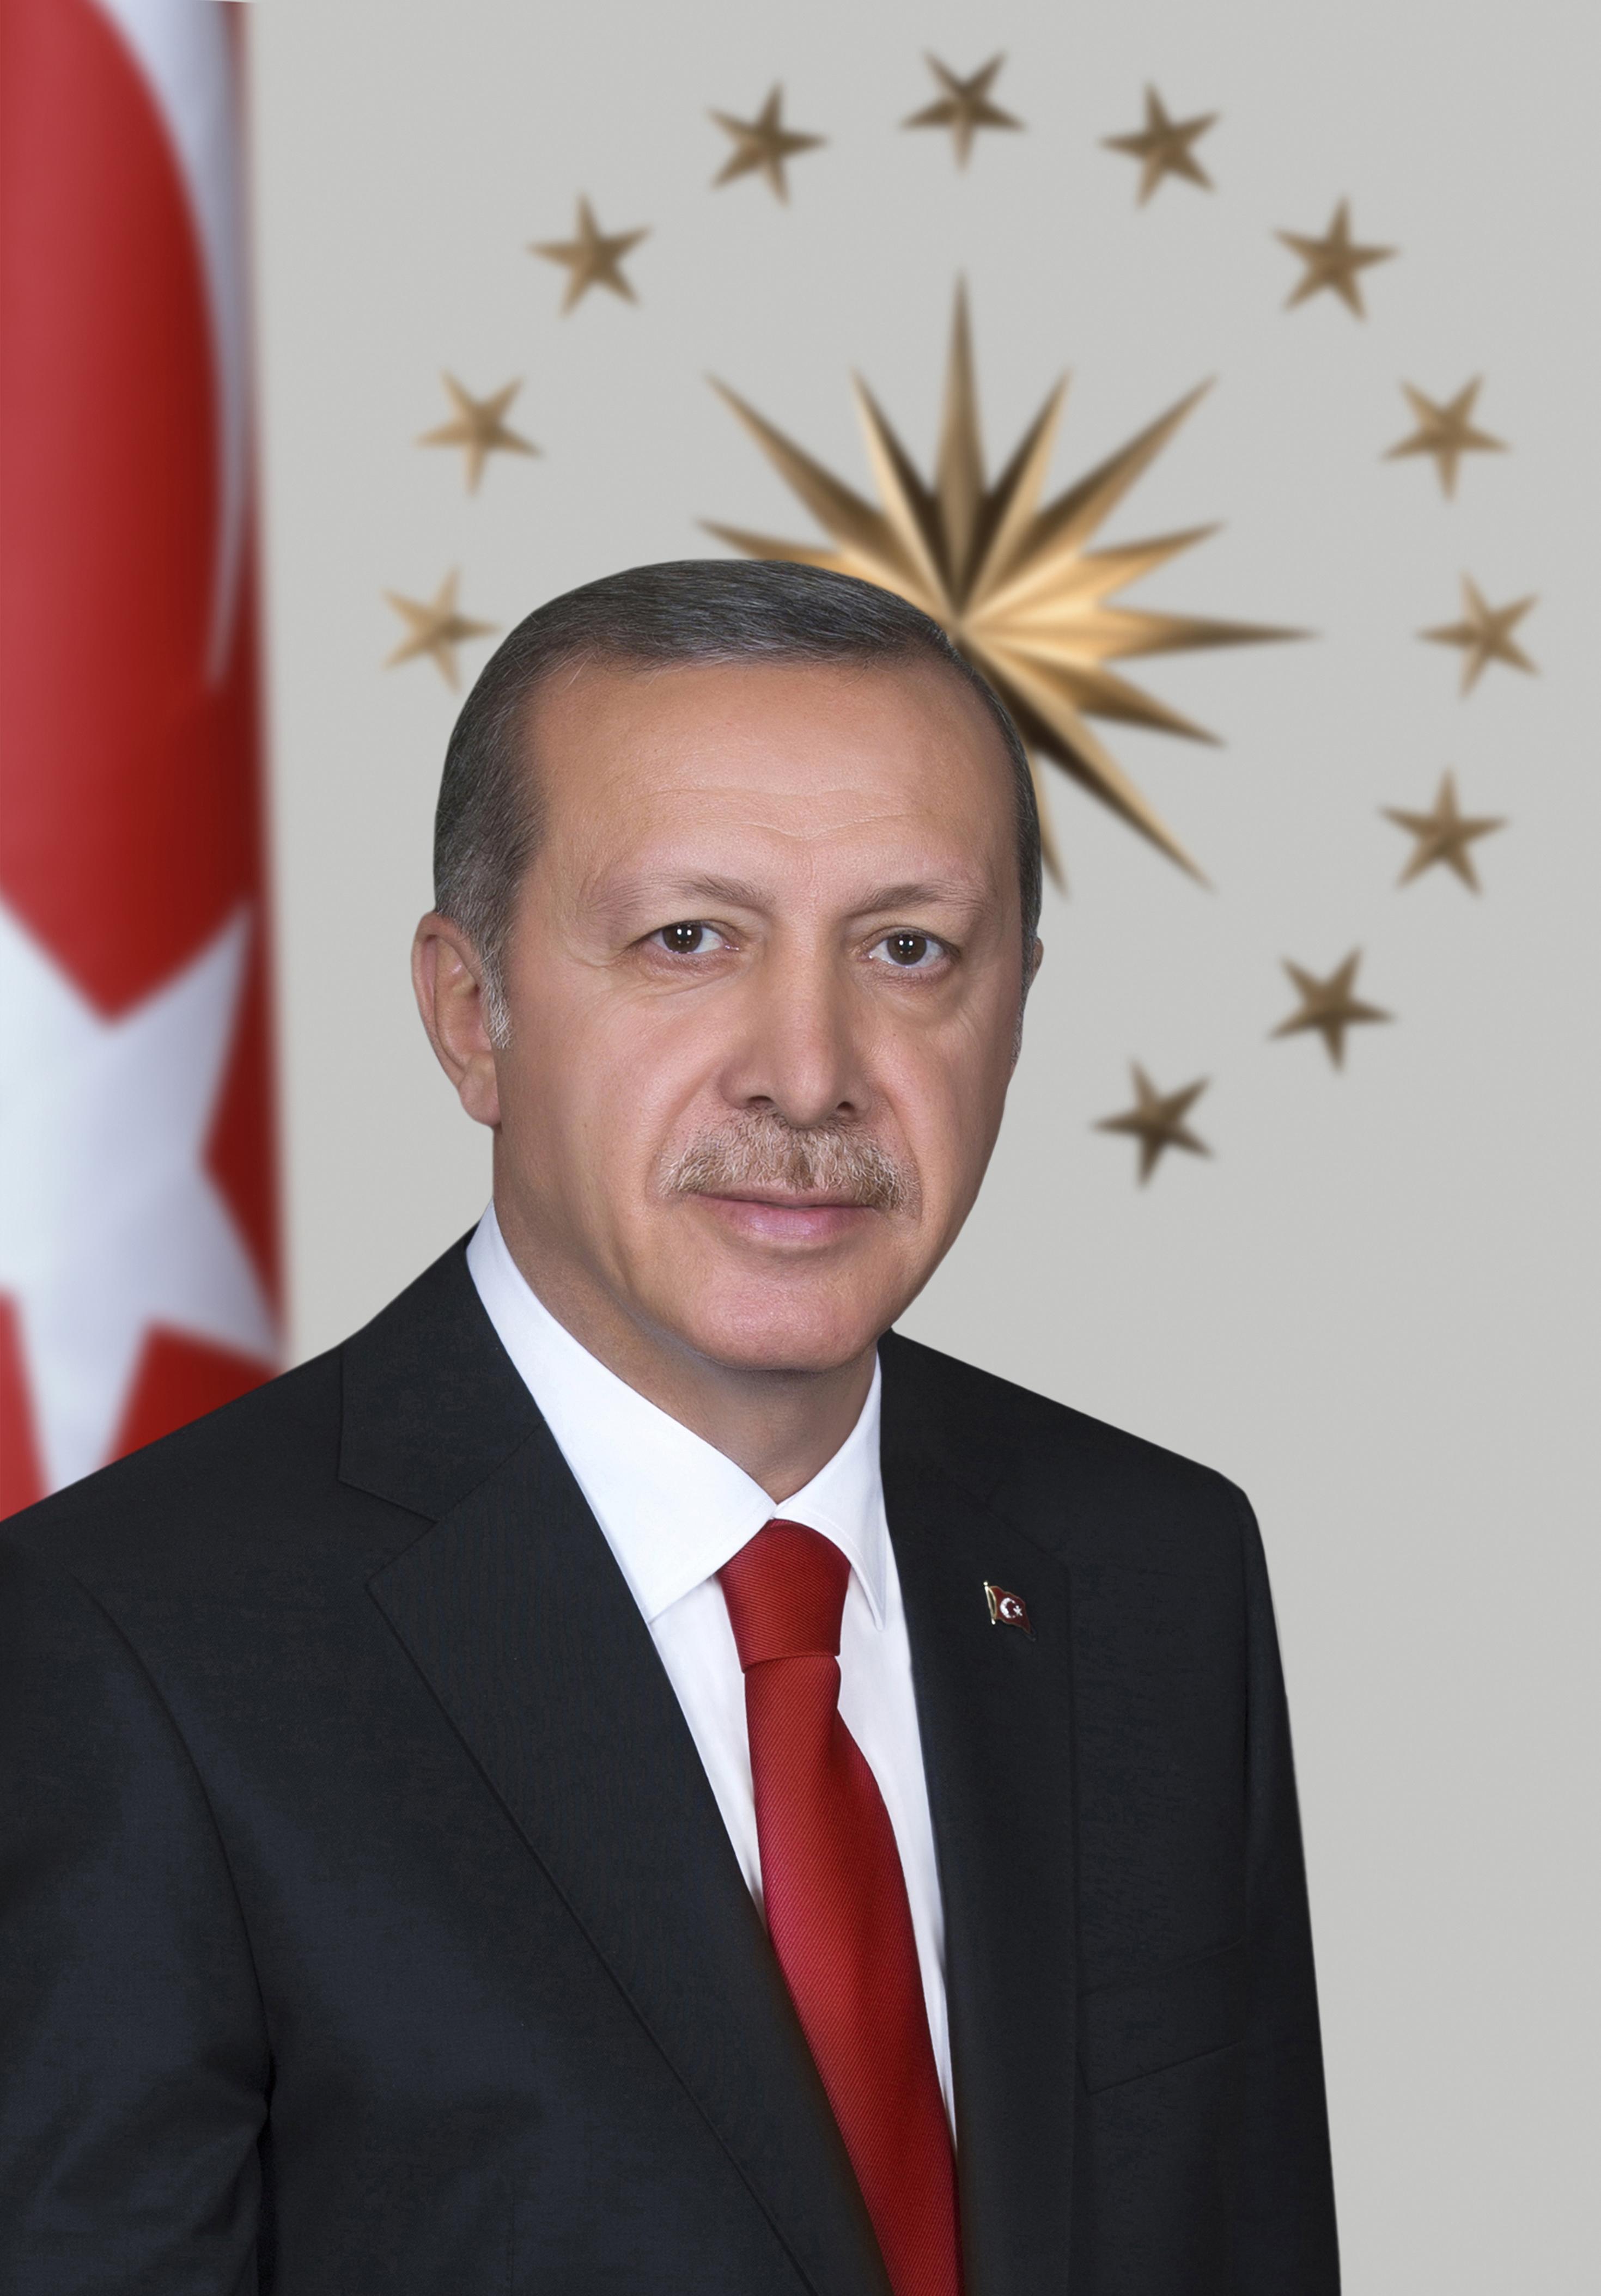 Cumhurbaşkanı Erdoğan'dan 21 Haziran mesajı